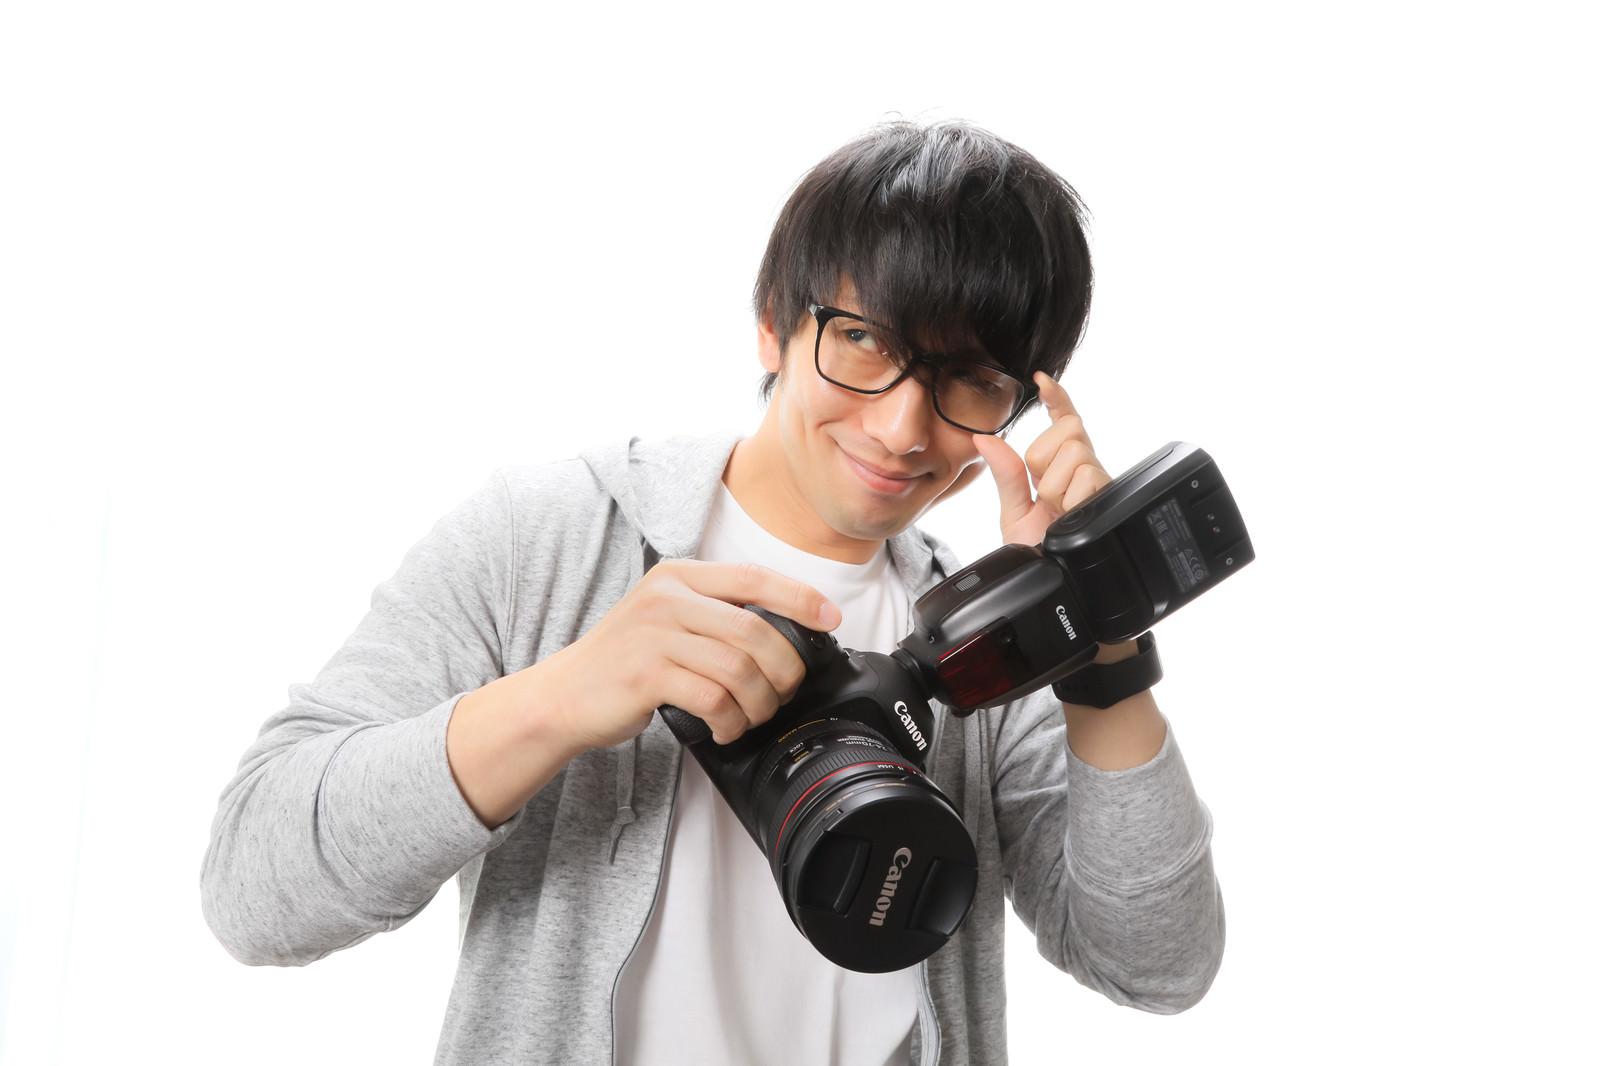 「意識高い系フォトグラファーのSNSアイコン | 写真の無料素材・フリー素材 - ぱくたそ」の写真[モデル:大川竜弥]